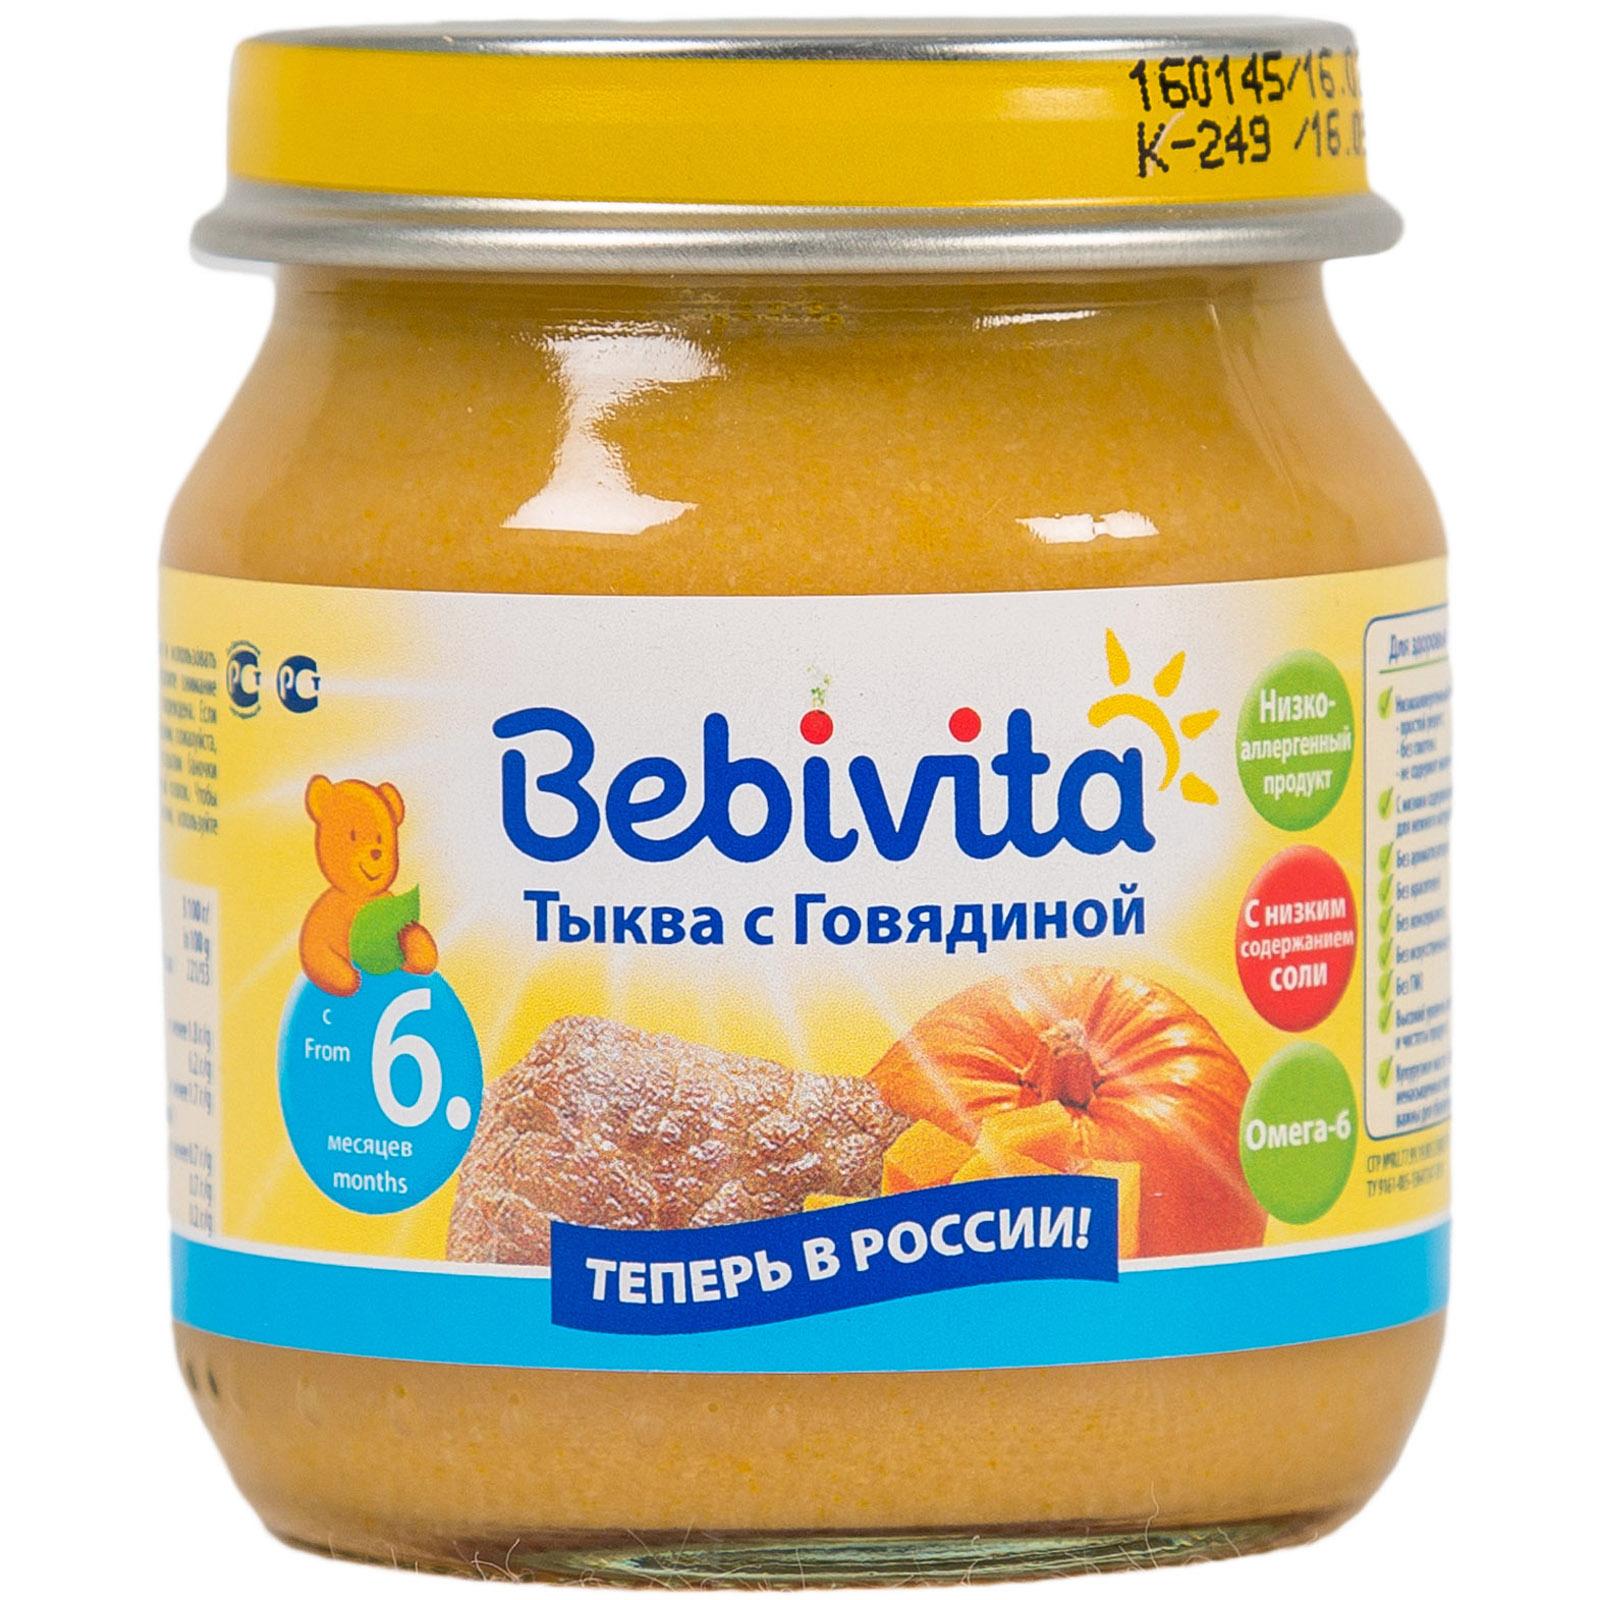 Пюре Bebivita мясное с овощами 100 гр Тыква с говядиной (с 6 мес)<br>